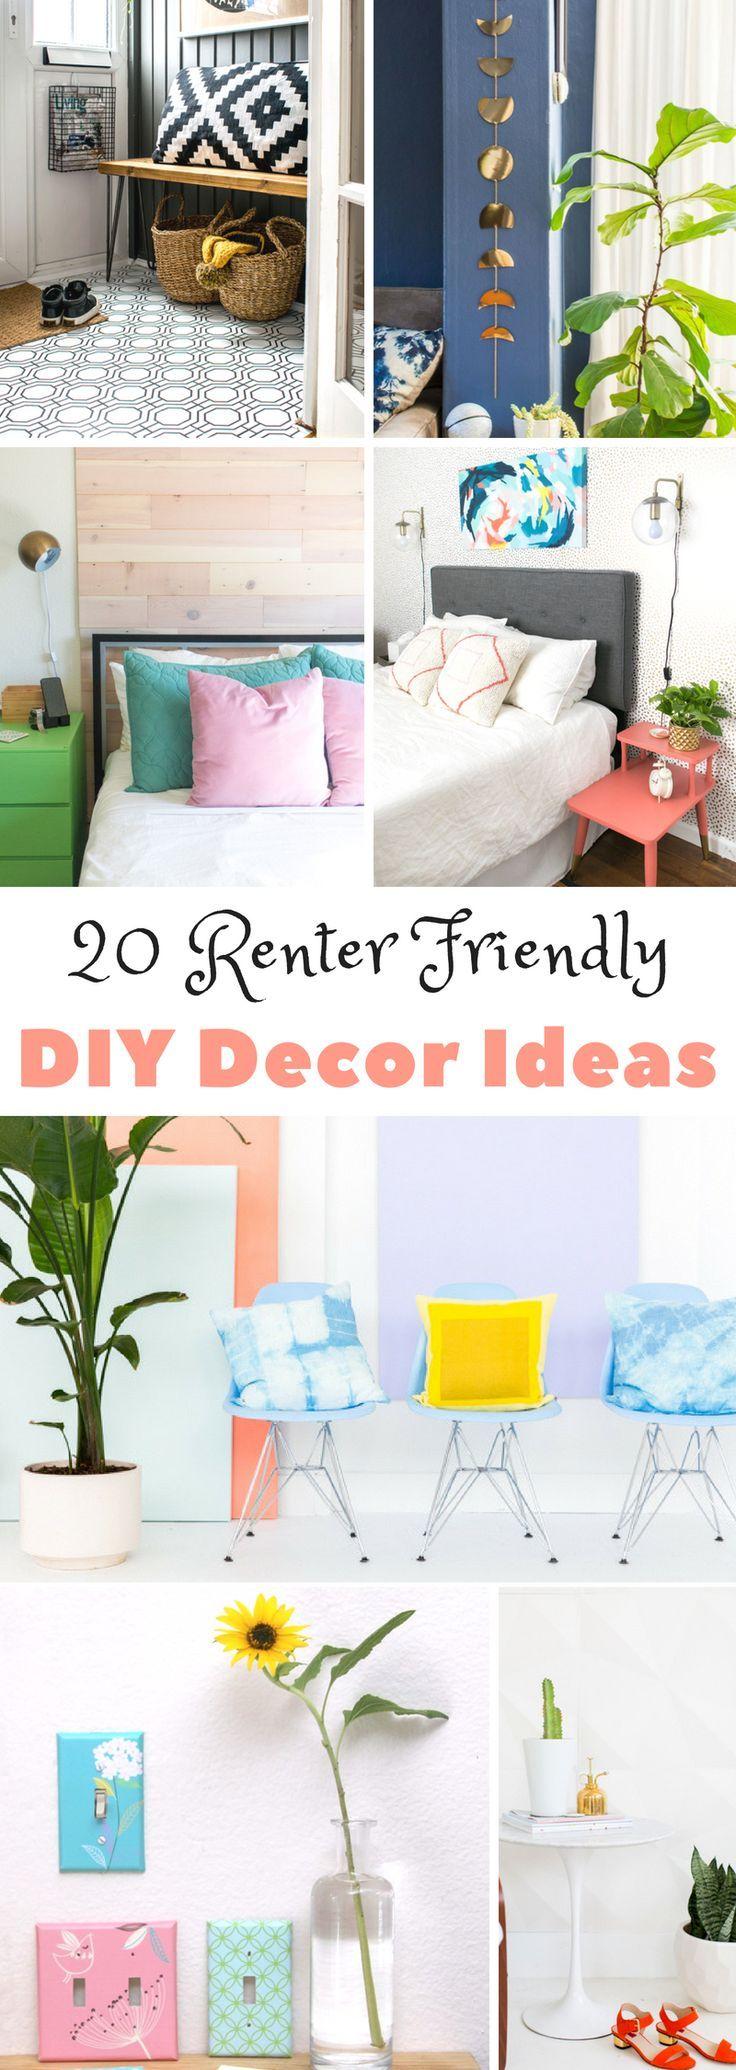 20 Renter Friendly DIY Decor Ideas images